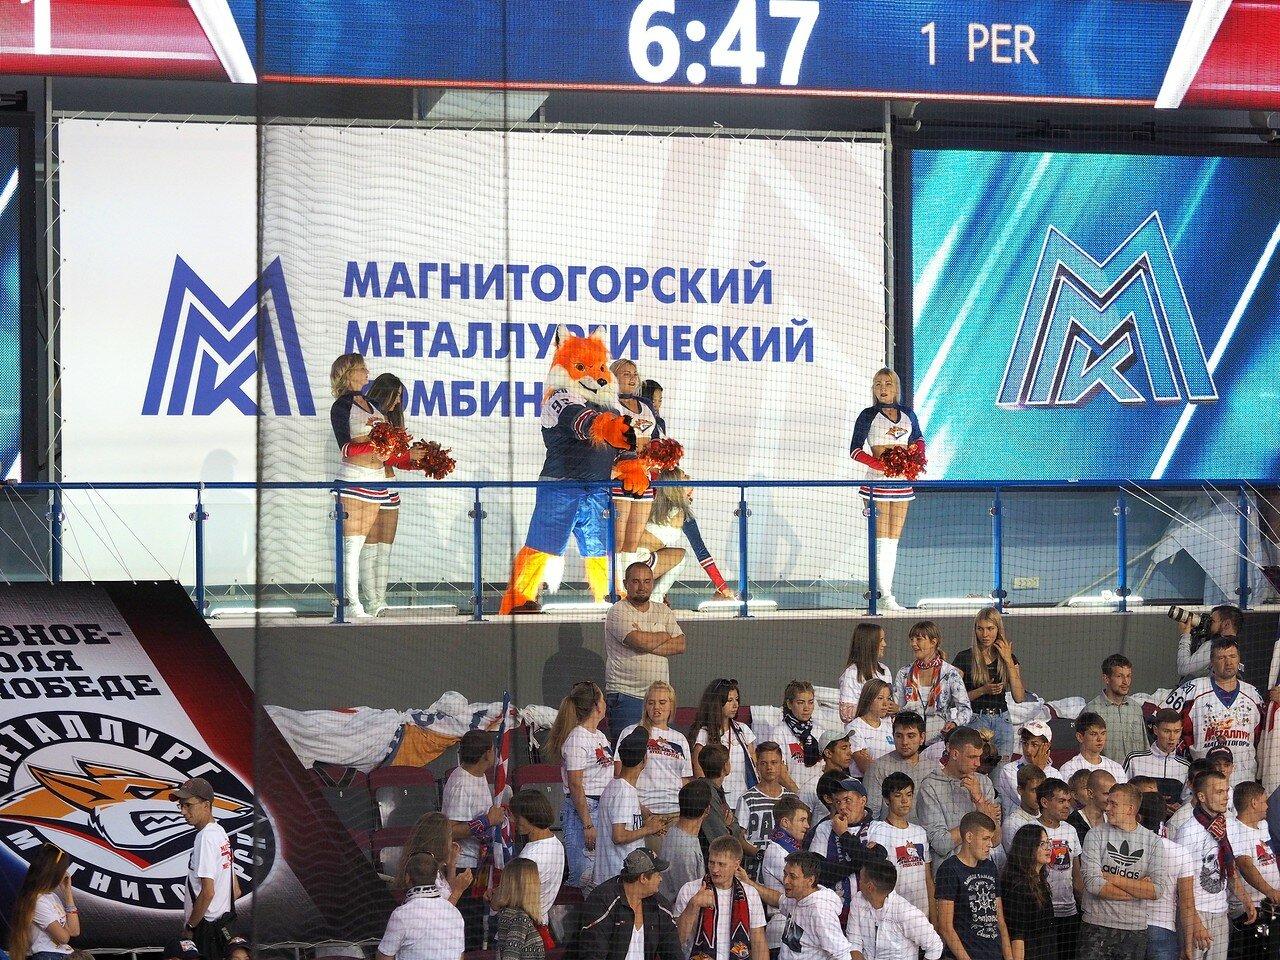 65 Металлург - Автомобилист 23.08.2017